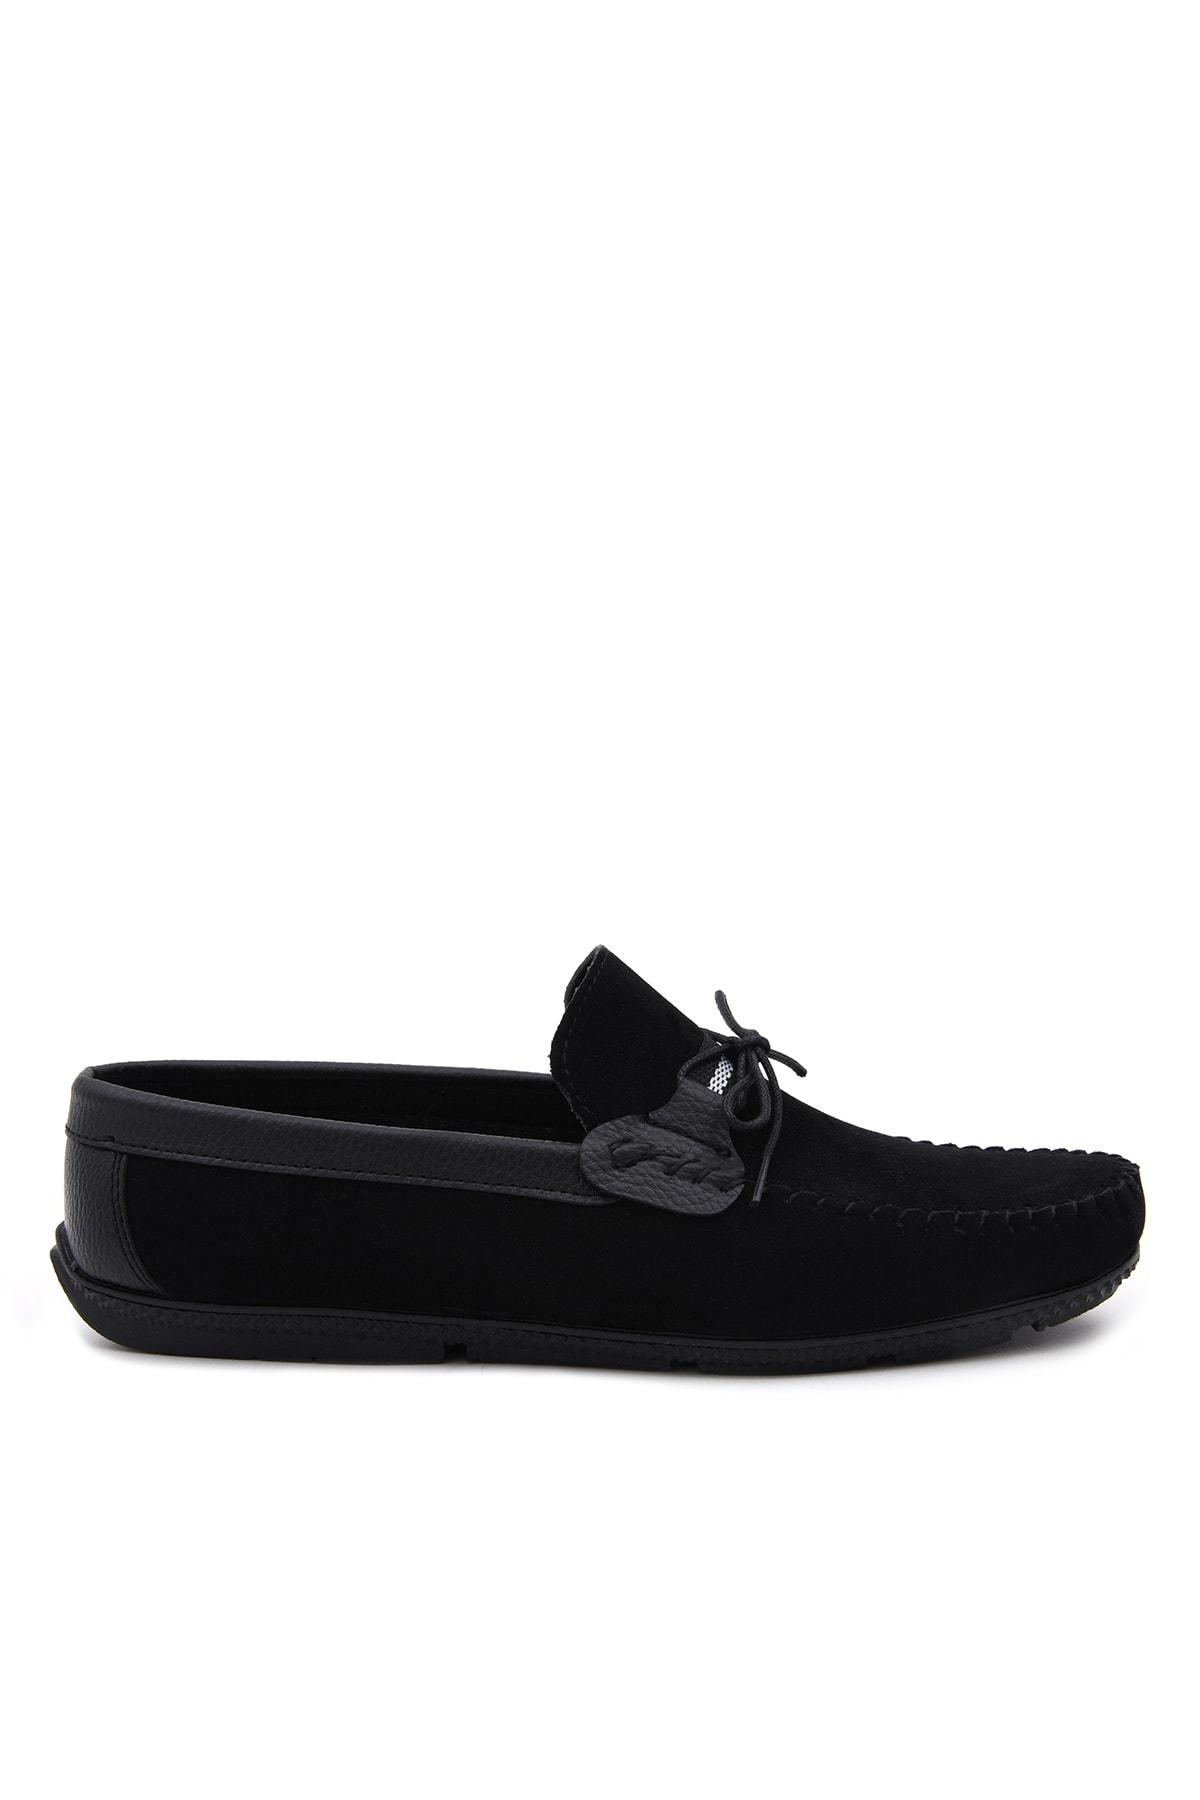 Siyah Süet Loafer Ayakkabı 350